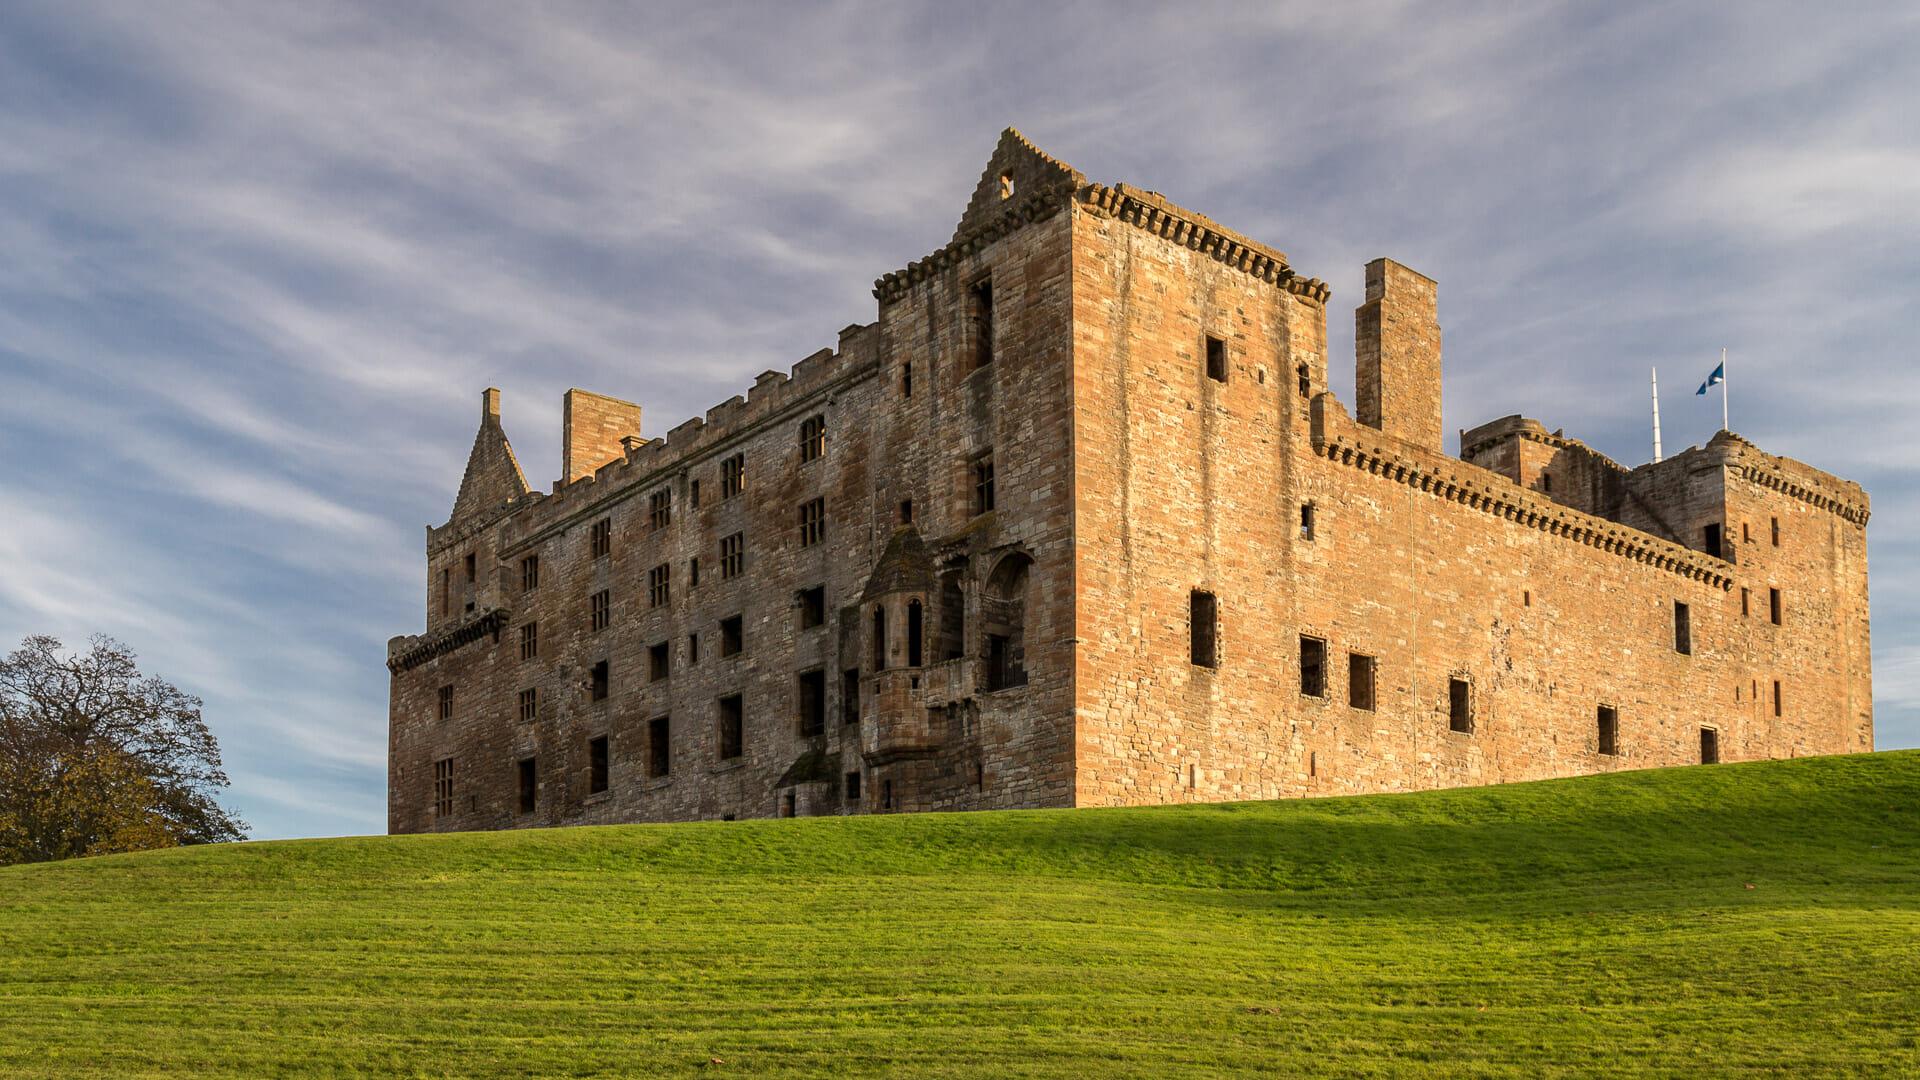 Sicht vom Loch aus auf den Linlithgow Palace